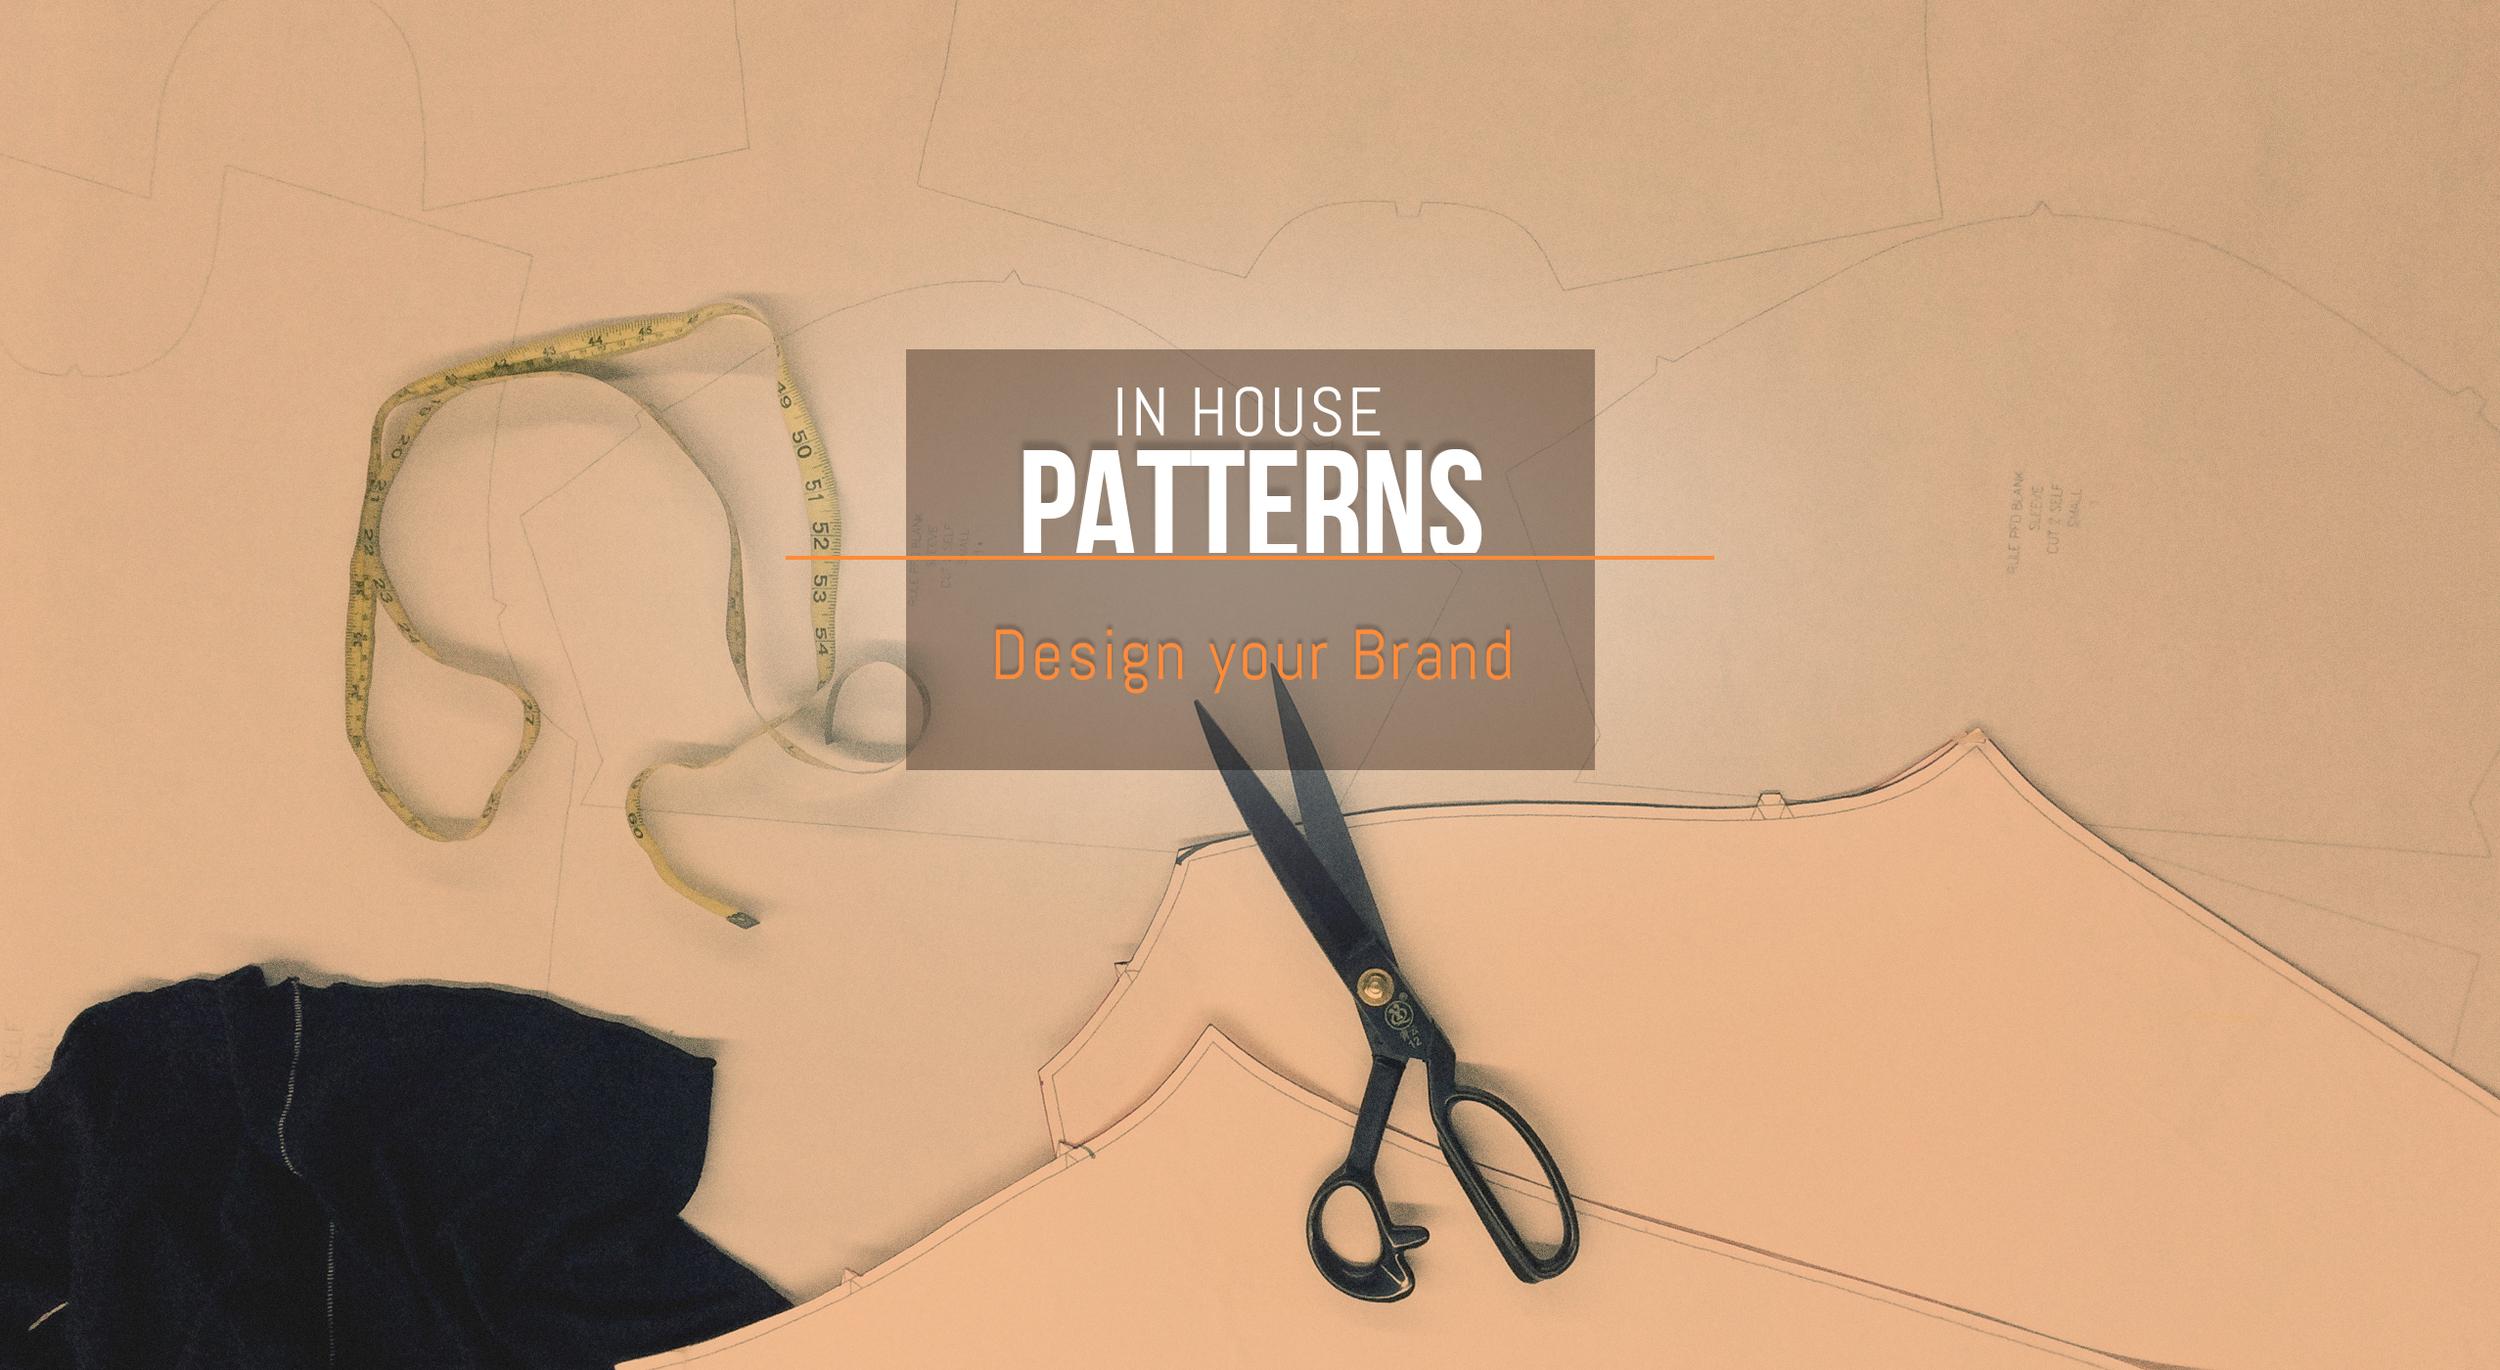 RULE sliders4 patterns1.jpg